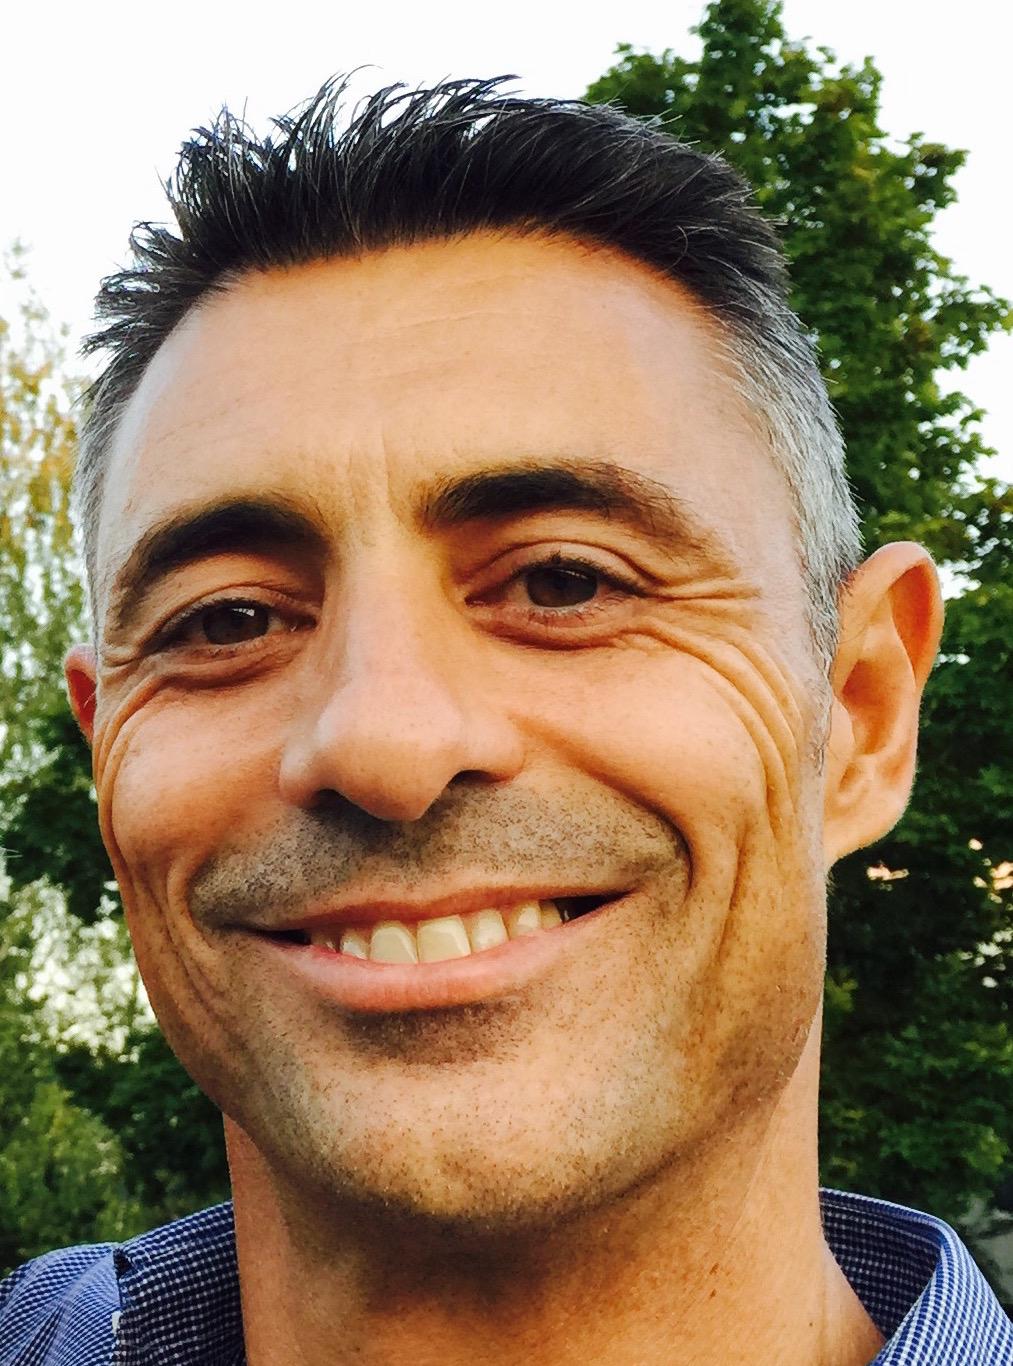 Luis Cadenas